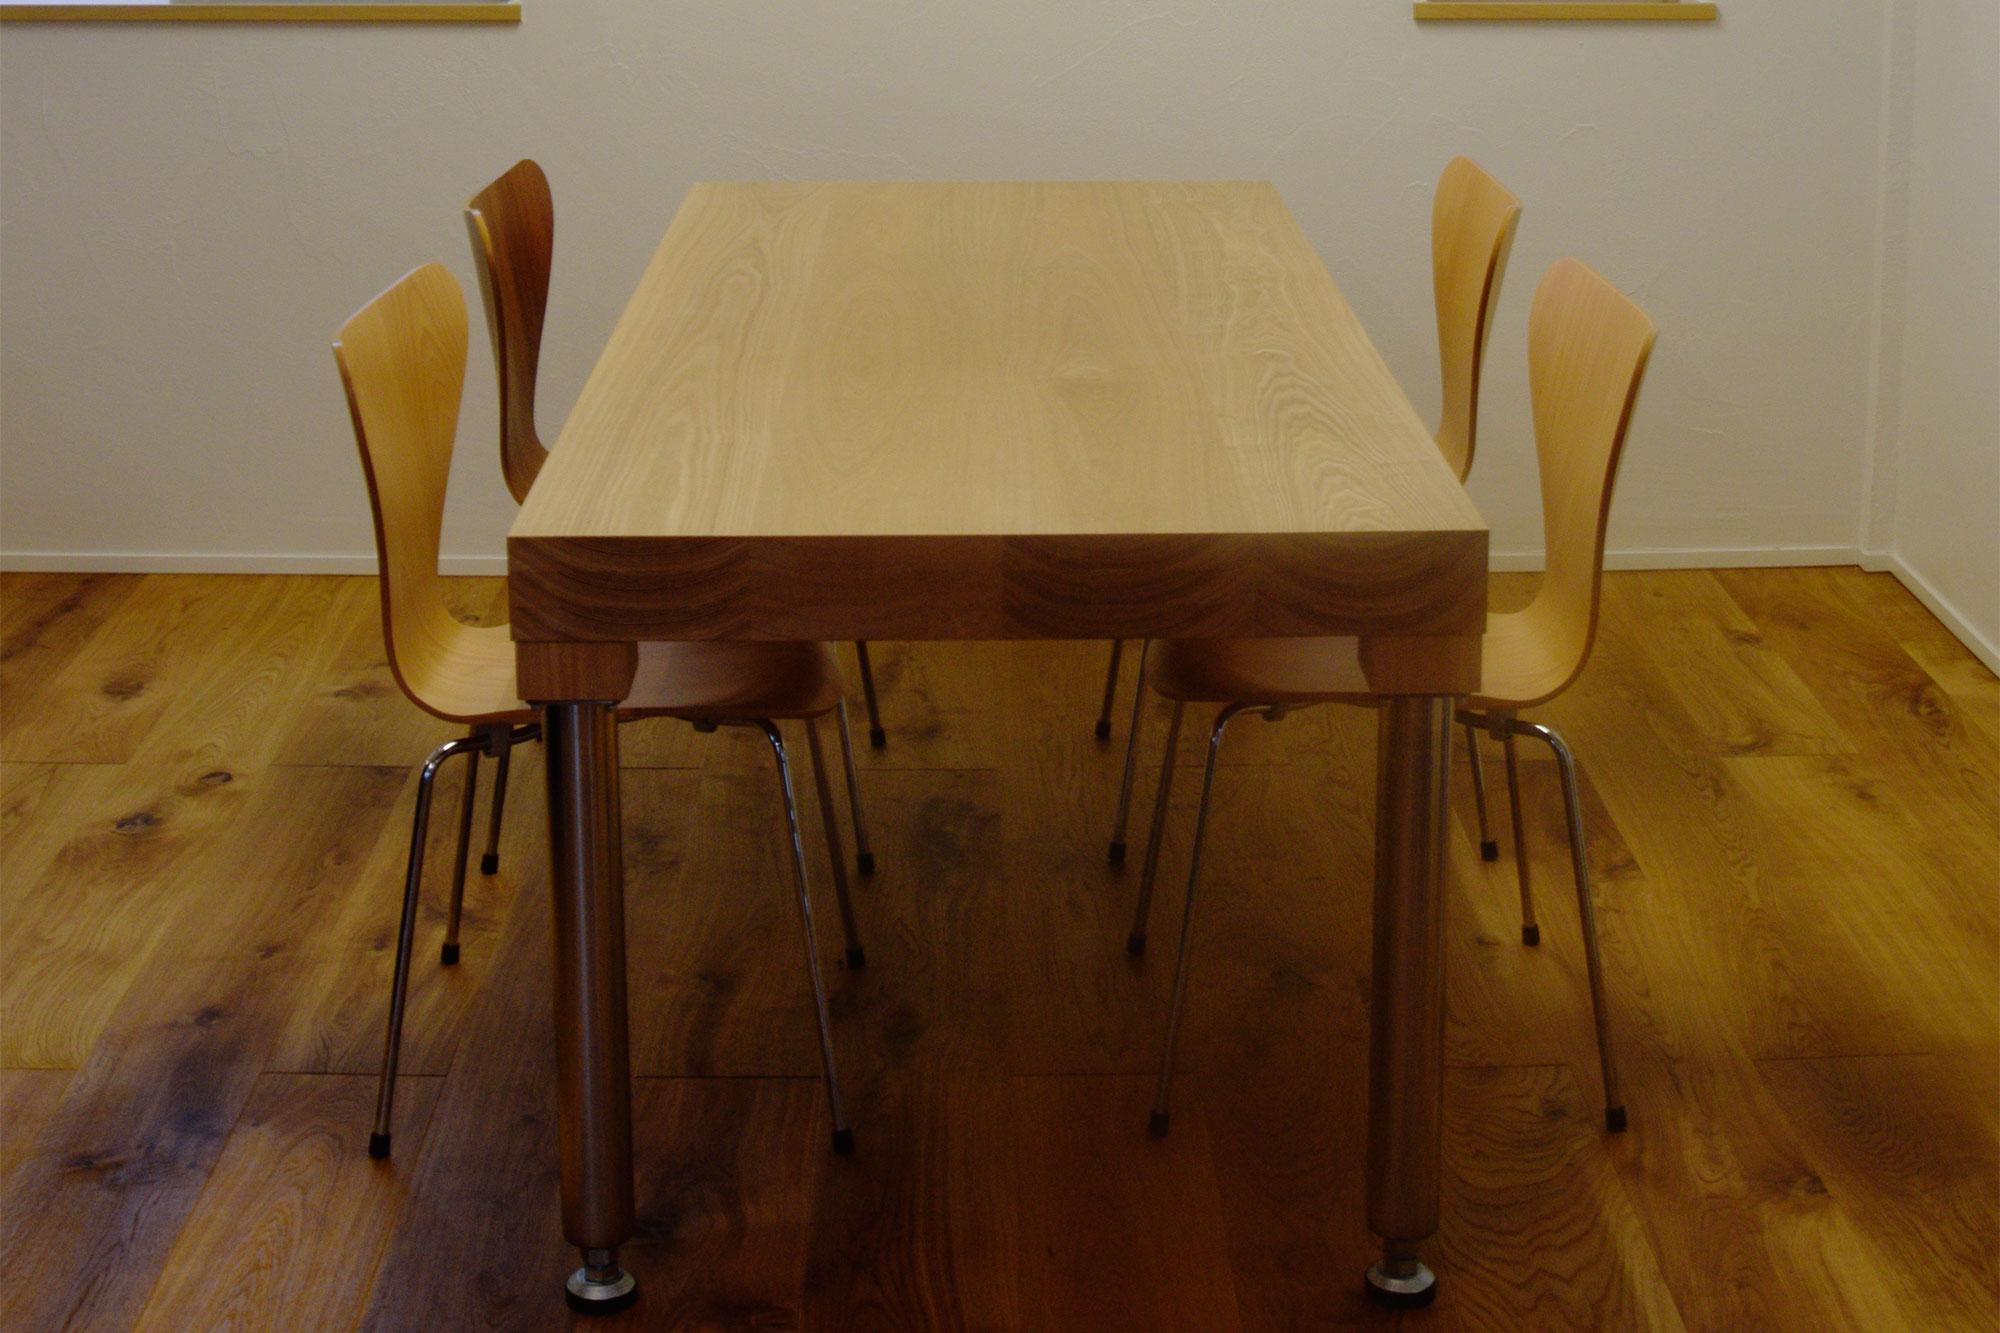 ステンレス製丸脚を付けたタモ材テーブル